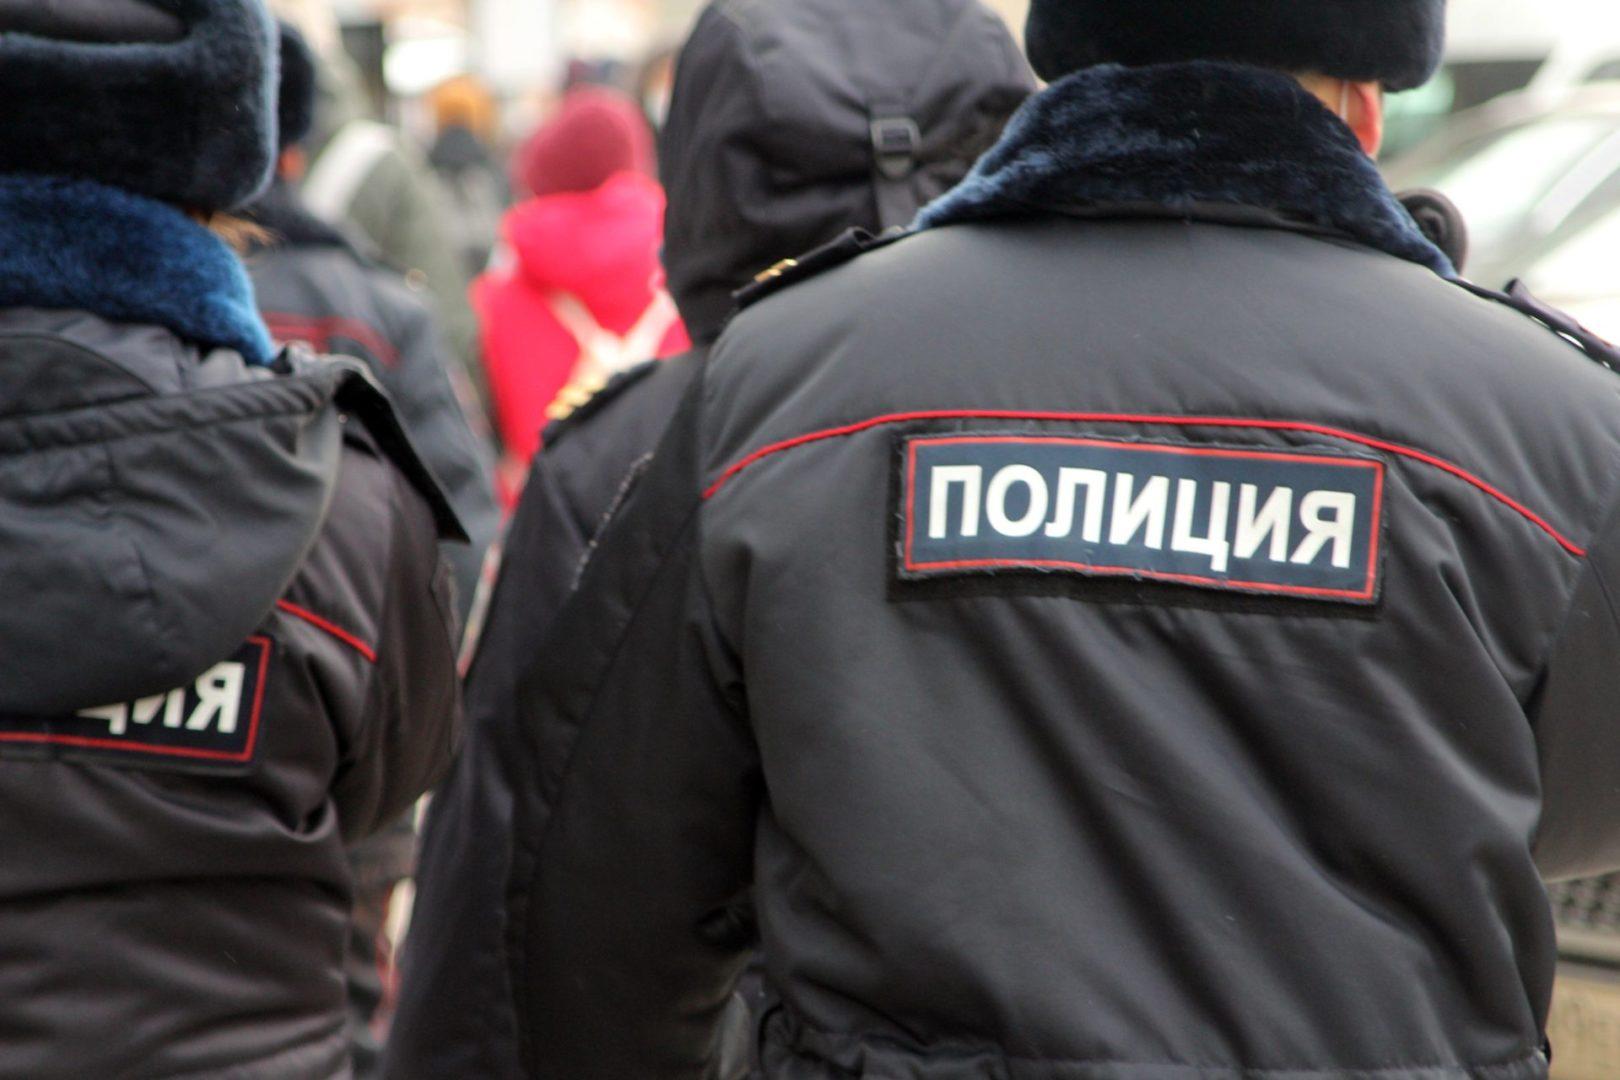 Полиция задержала мужчину, который силой завел второклассницу к себе домой в Иркутске